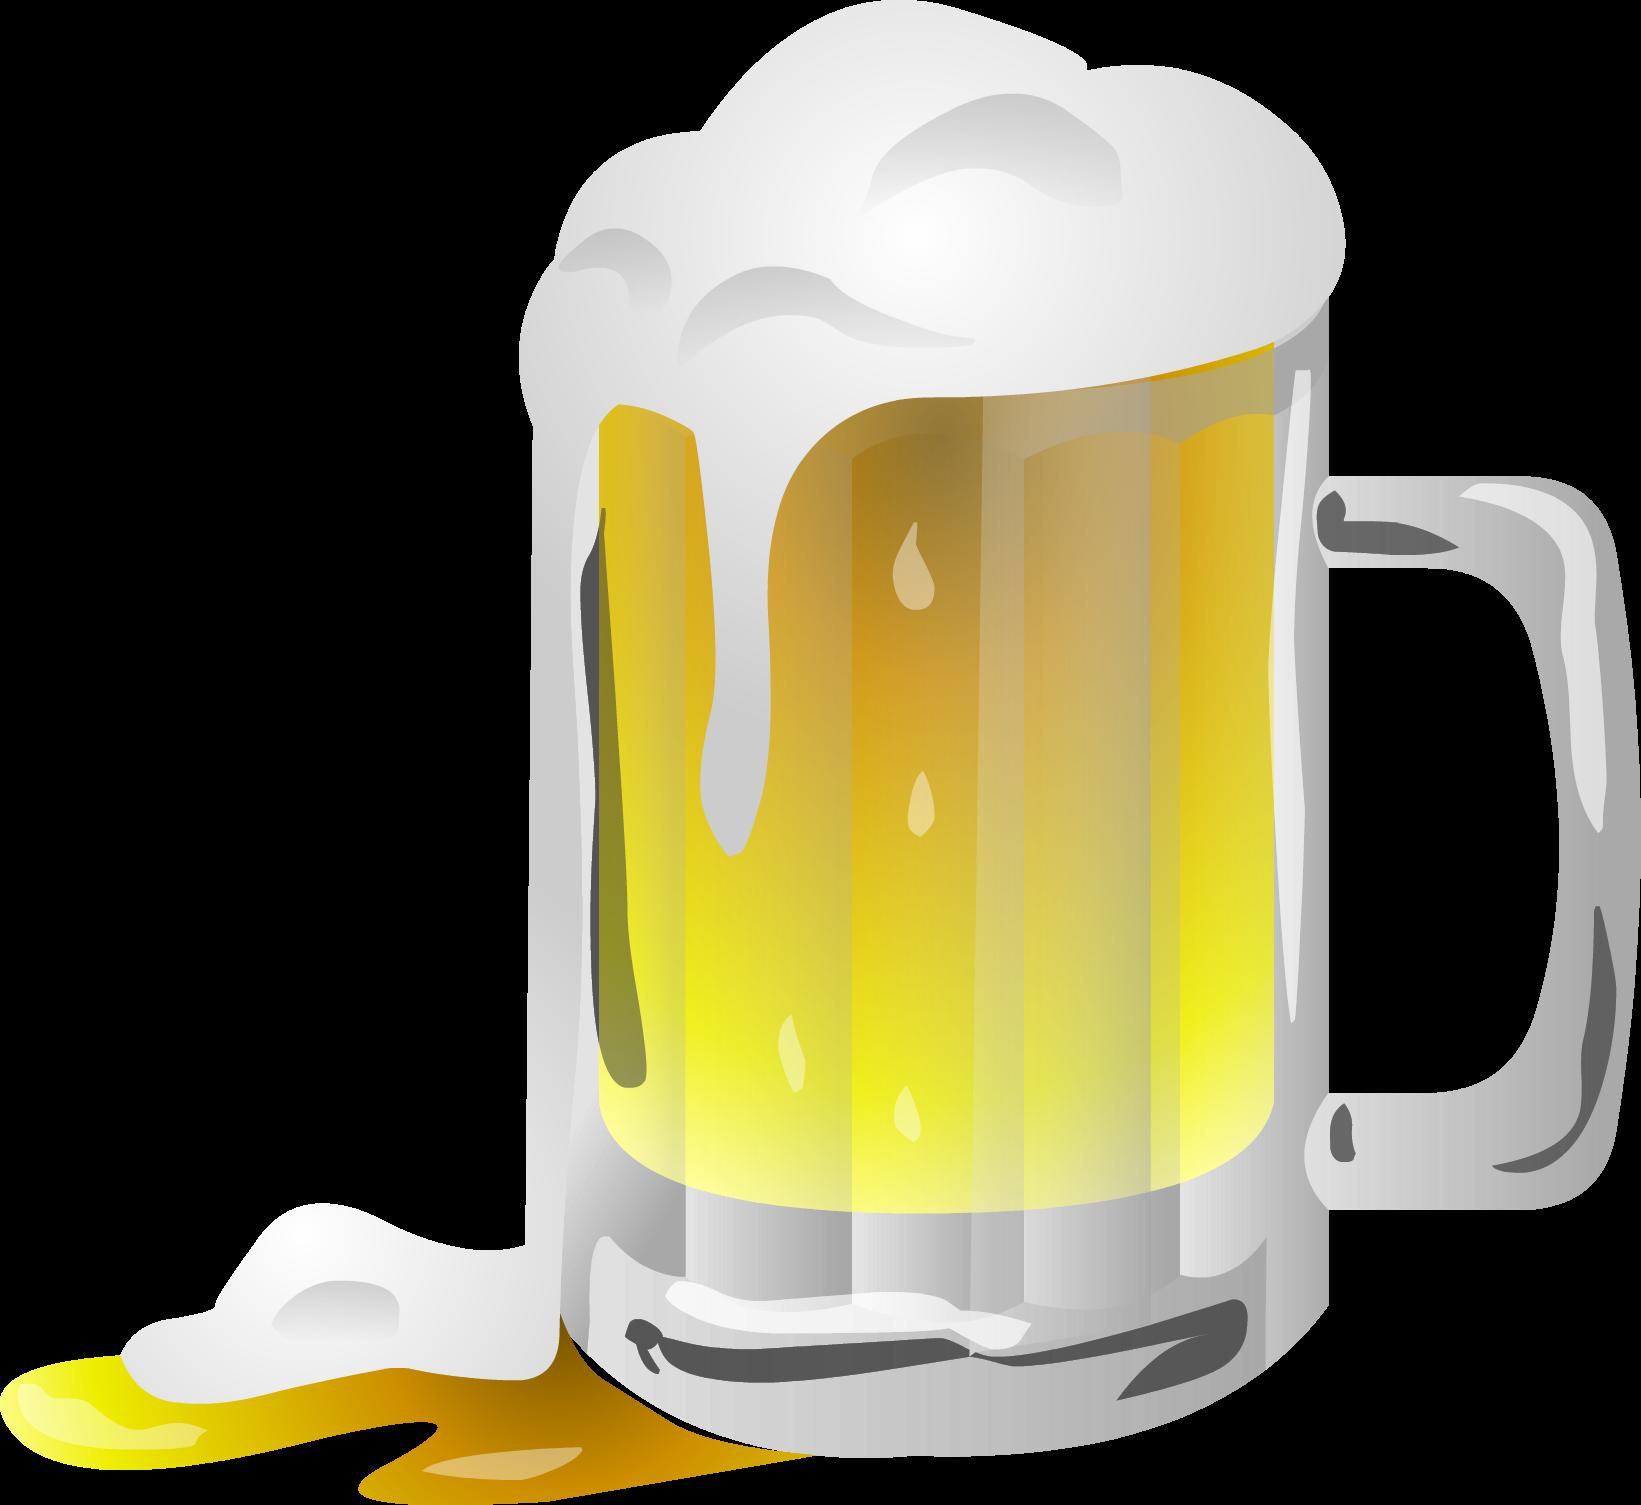 Beer mugs mug png. Cocktails clipart pilsner